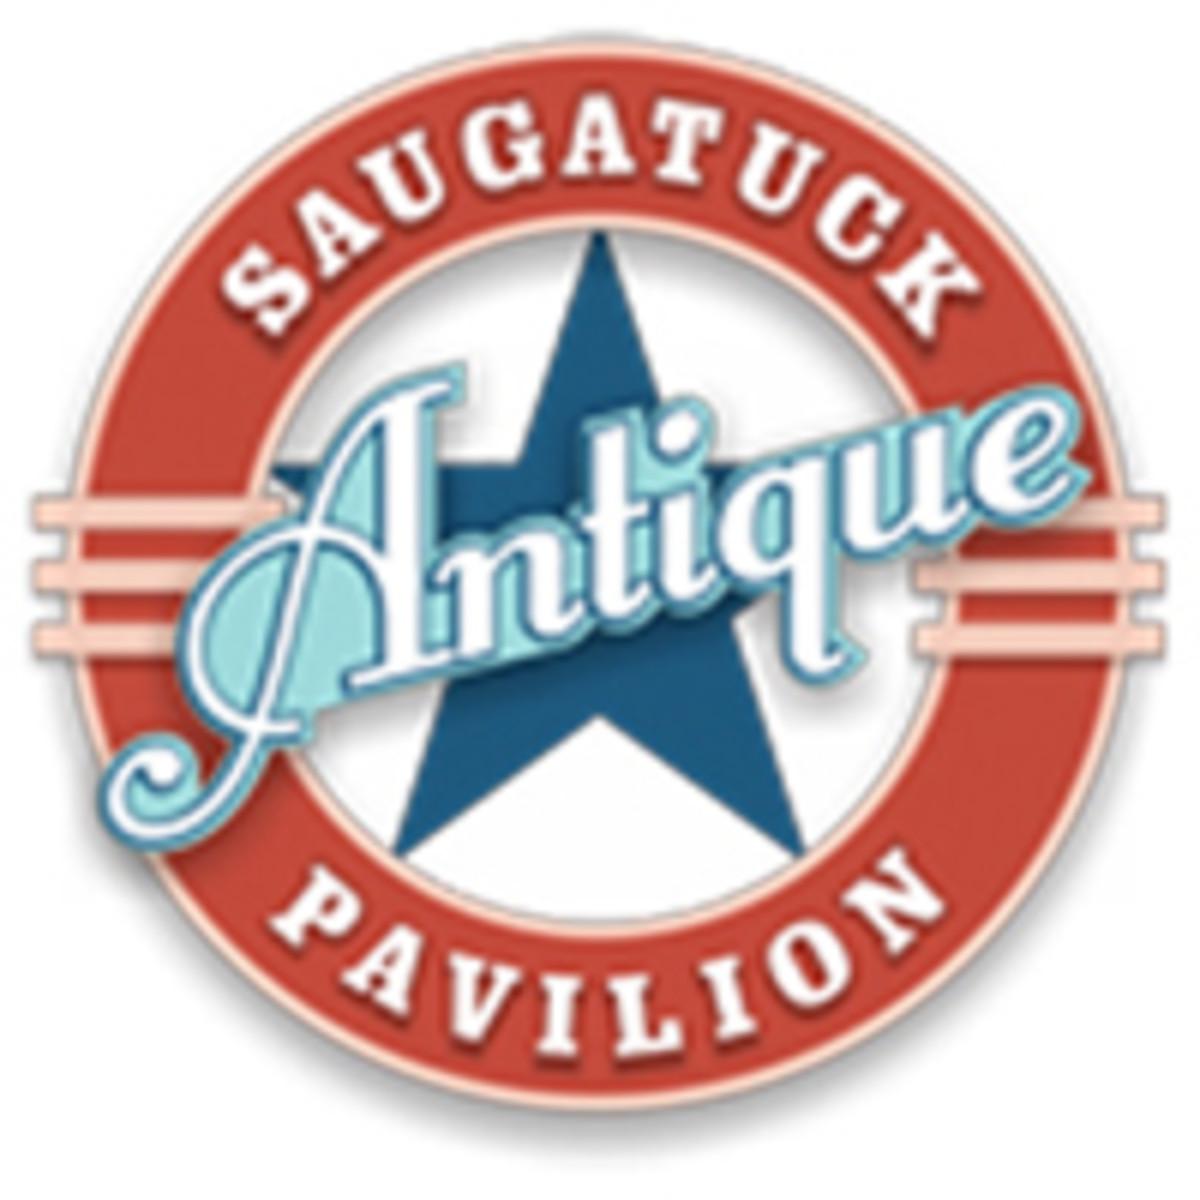 SaugatuckAntiqueLogo-revised